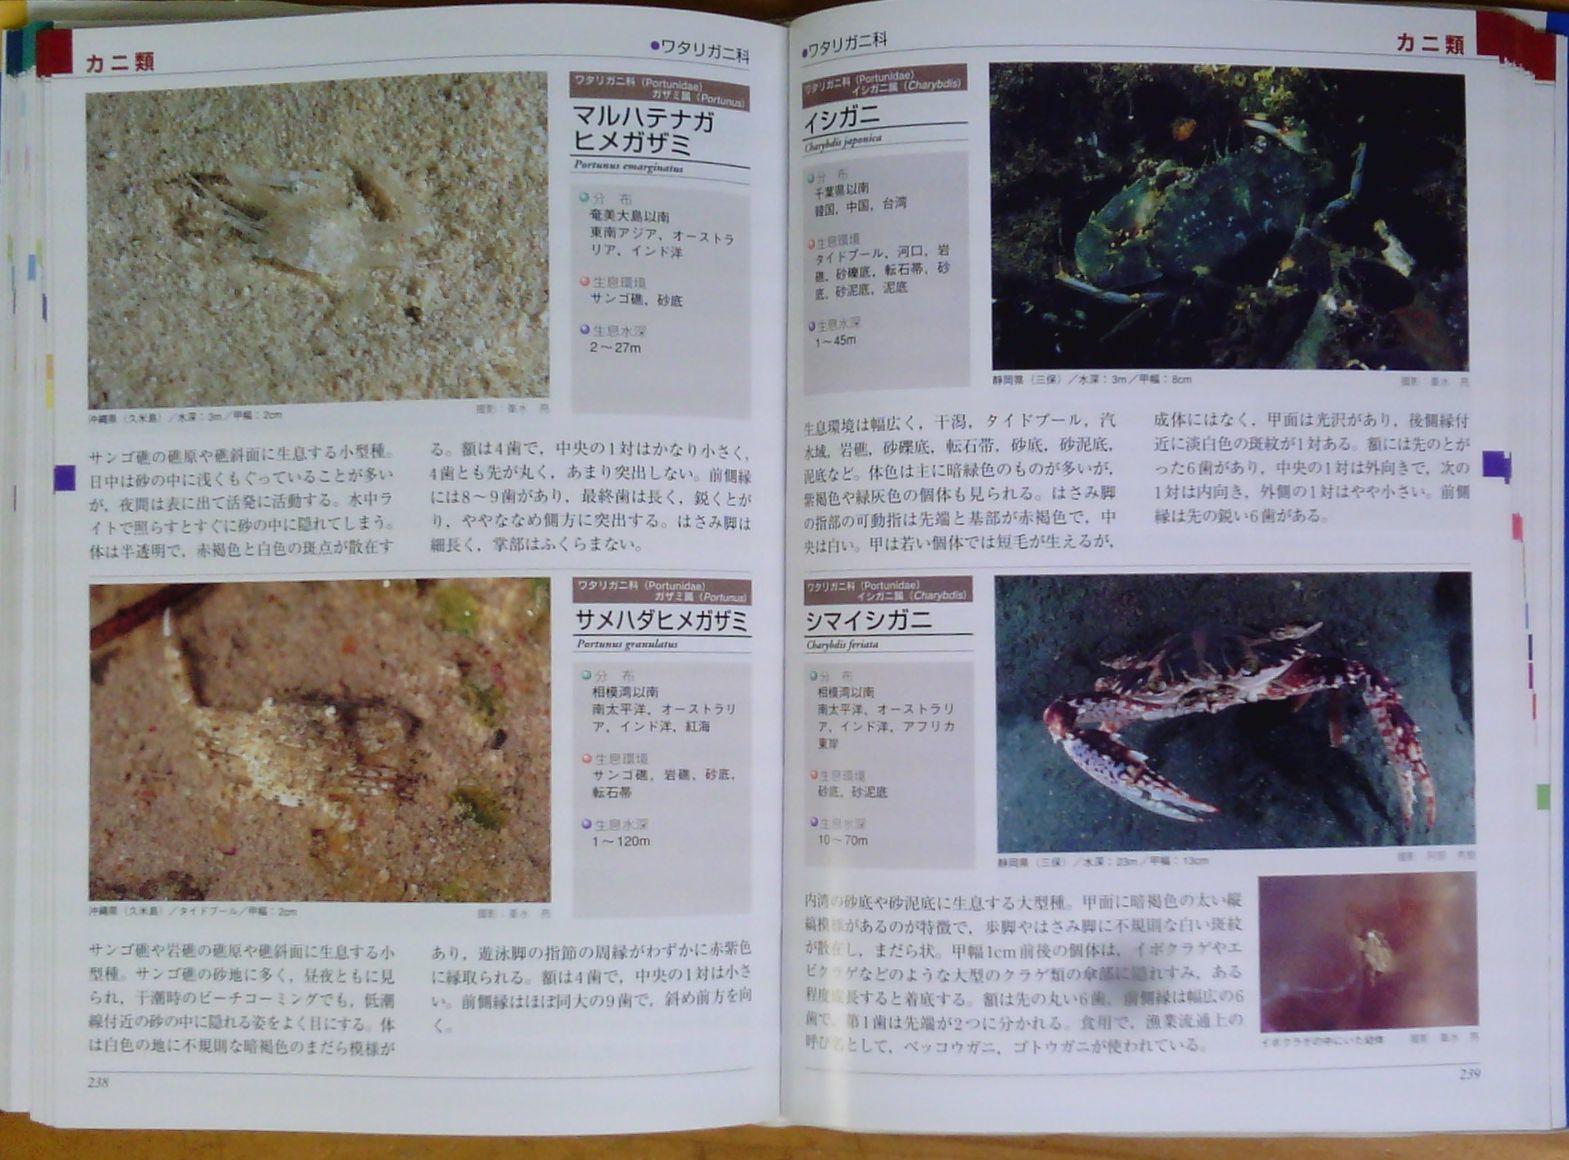 1018 図鑑を読む 2 甲殻類(カニ)_b0075059_20320100.jpg